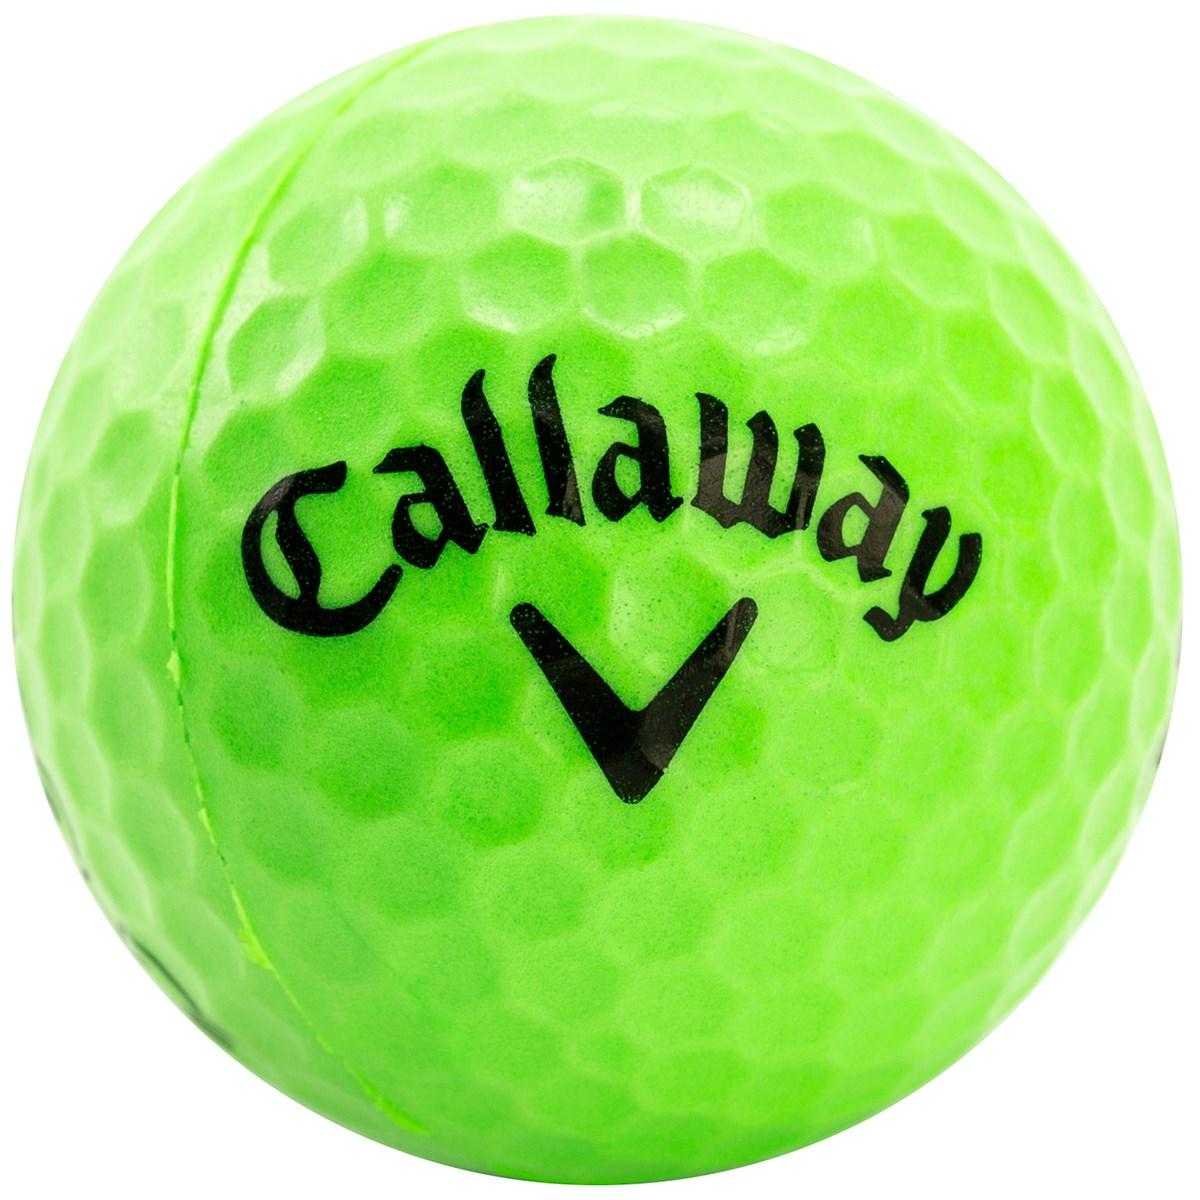 キャロウェイゴルフ(Callaway Golf) ヘックス プラクティスボール 9個入り